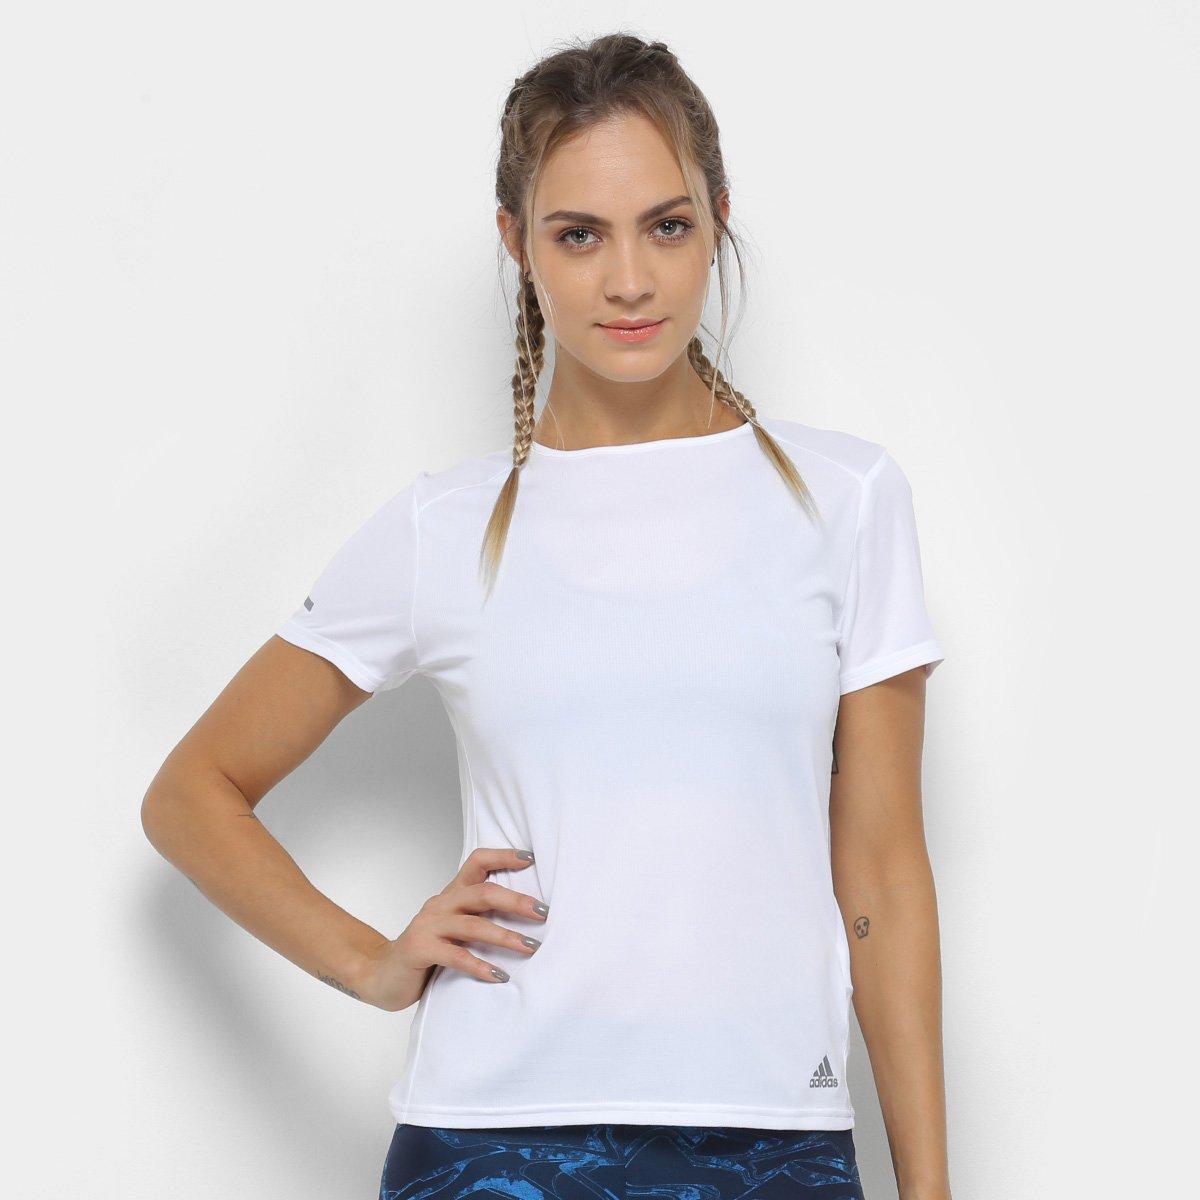 215bb19464a Camiseta Adidas Run Feminina - Branco - Compre Agora